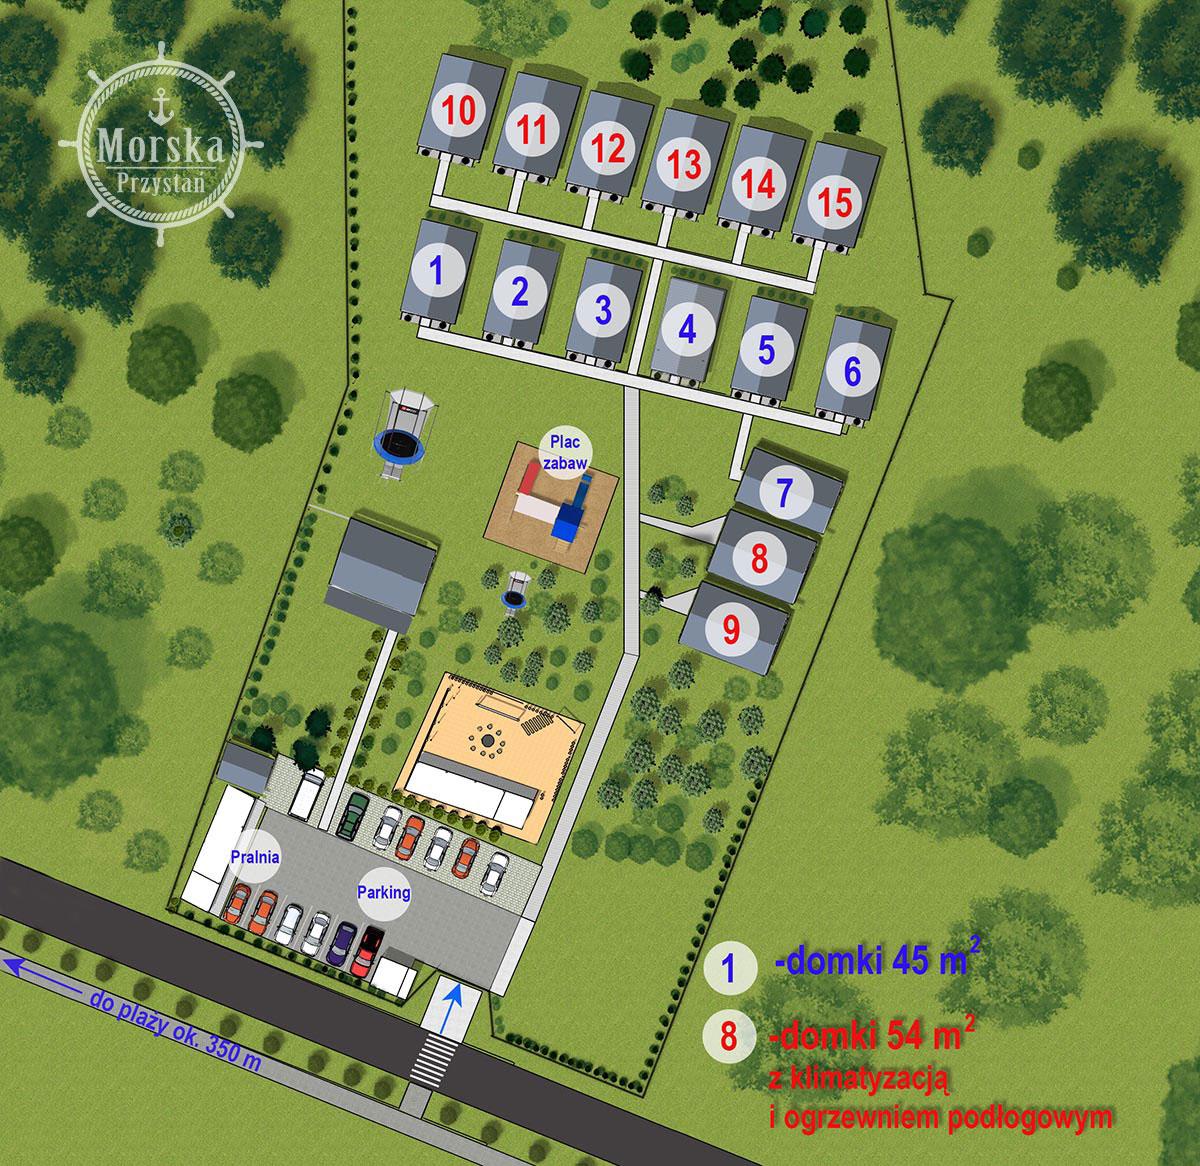 plan ośrodka Morska Przystań Darłówko domki